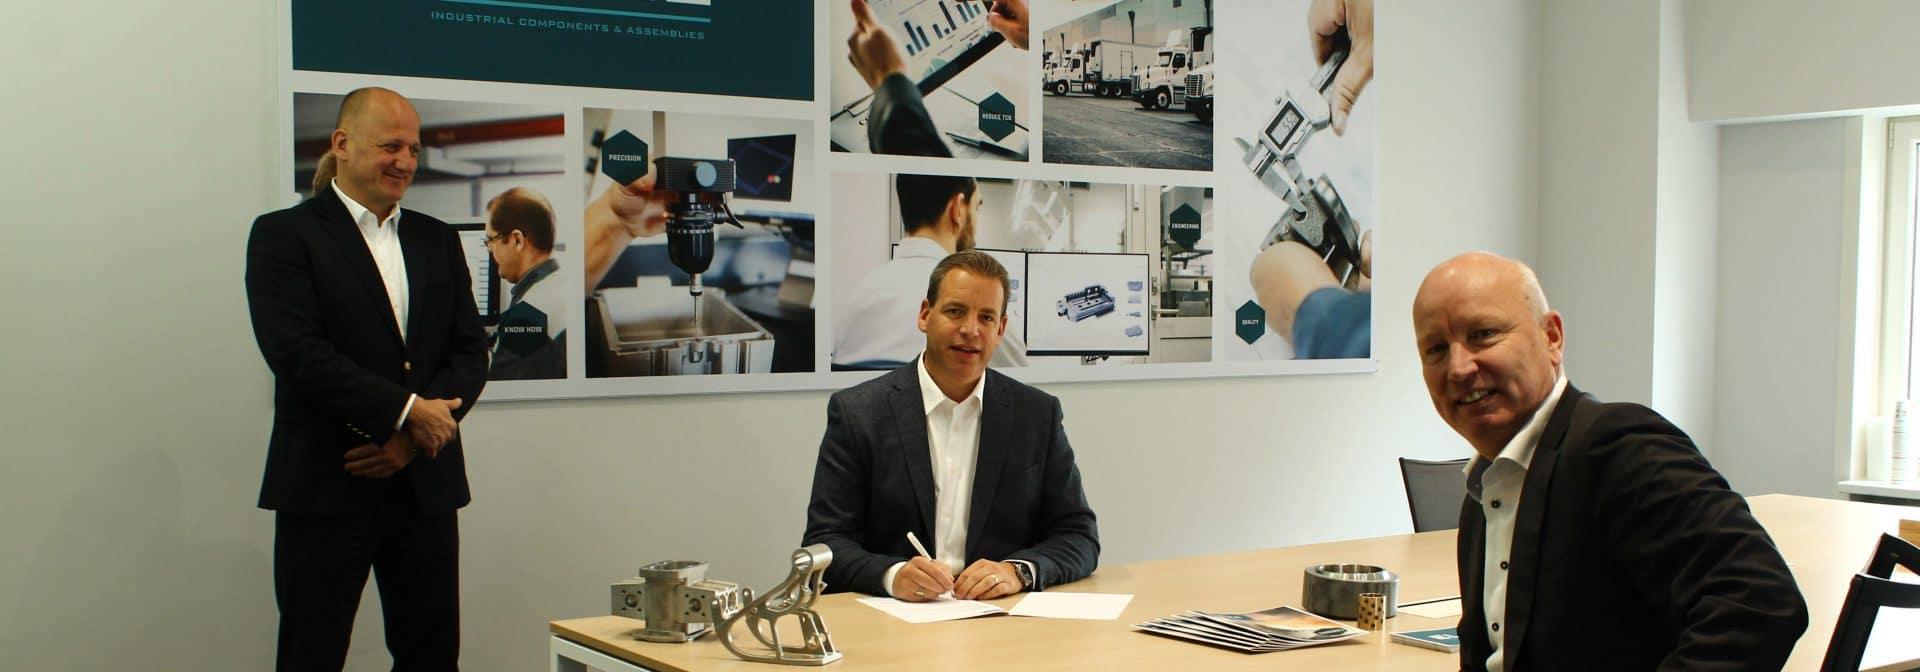 Van links naar rechts Peter Fluitsma CEO ELCEE Group - Marco Barendse landendirecteur ELCEE NL - Marcel Muijs CCO ELCEE Group